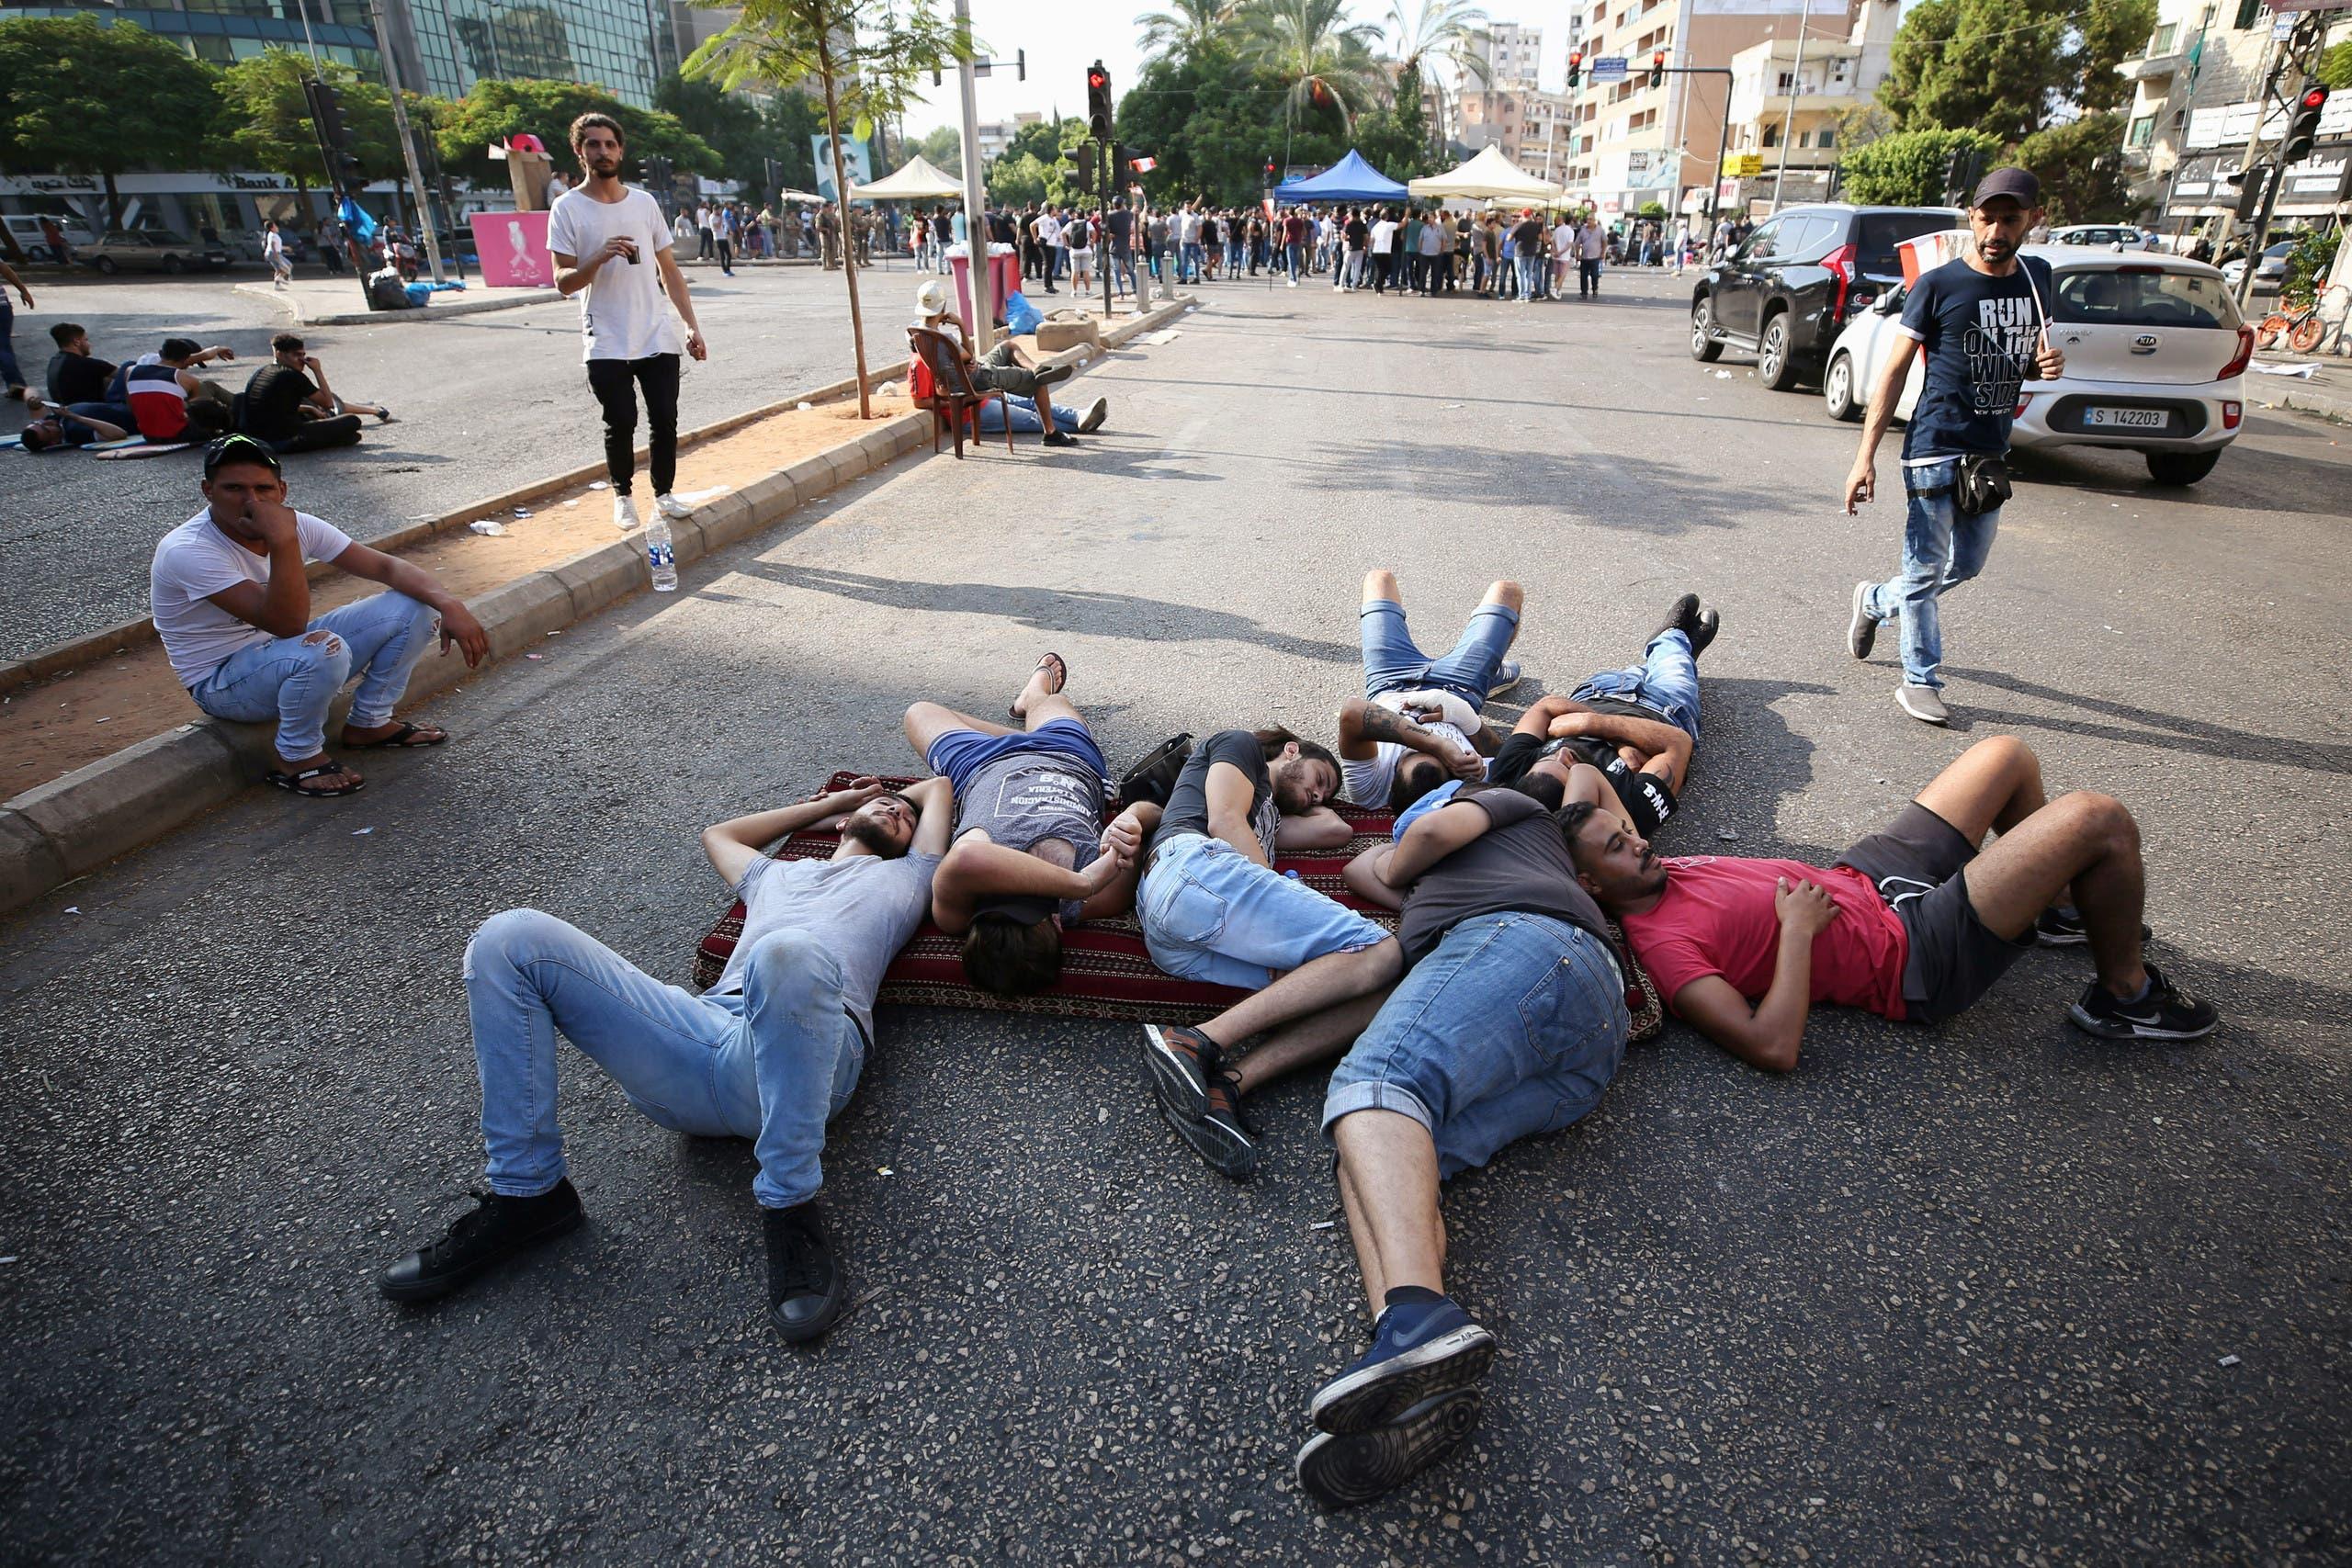 مشهد من لبنان رويترز 18 أكتوبر